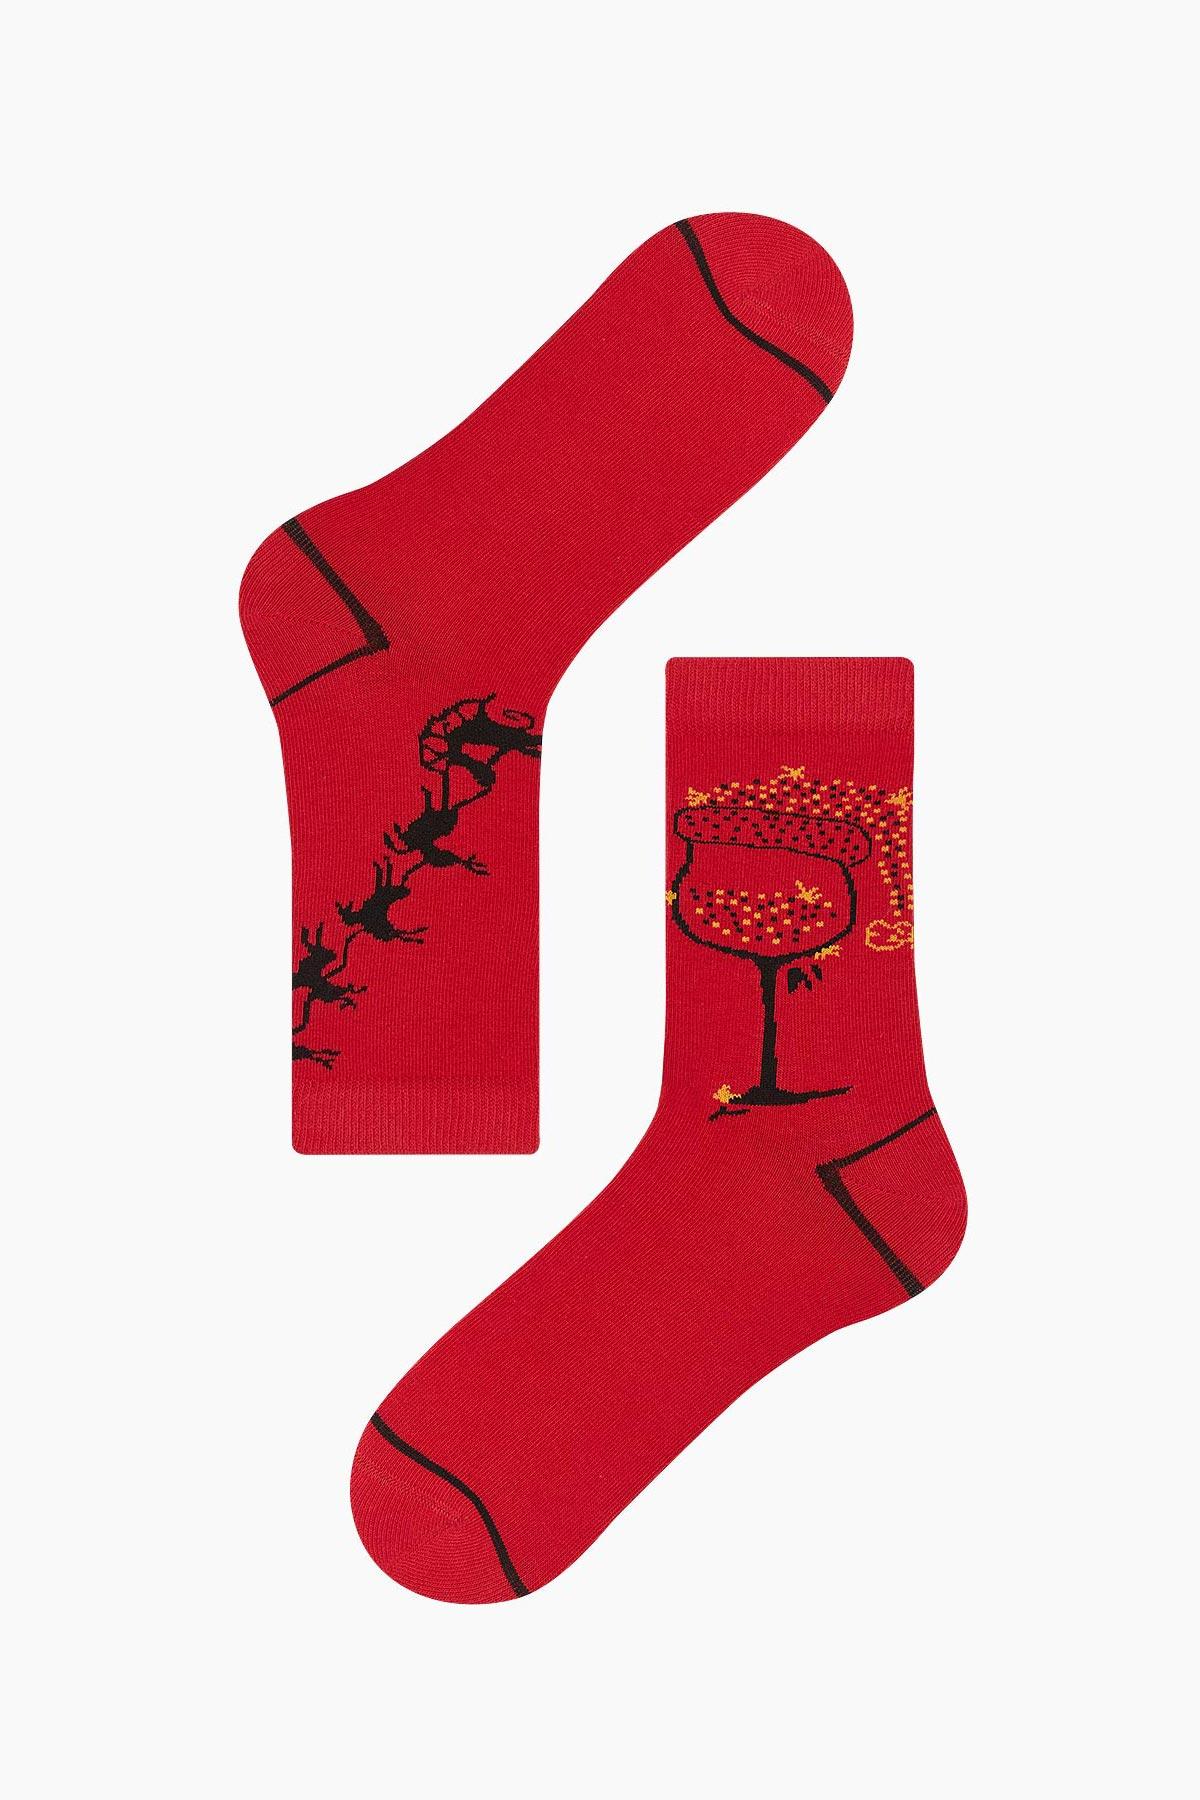 Bross - Bross Kutlama Desenli Yılbaşı Kadın Çorabı